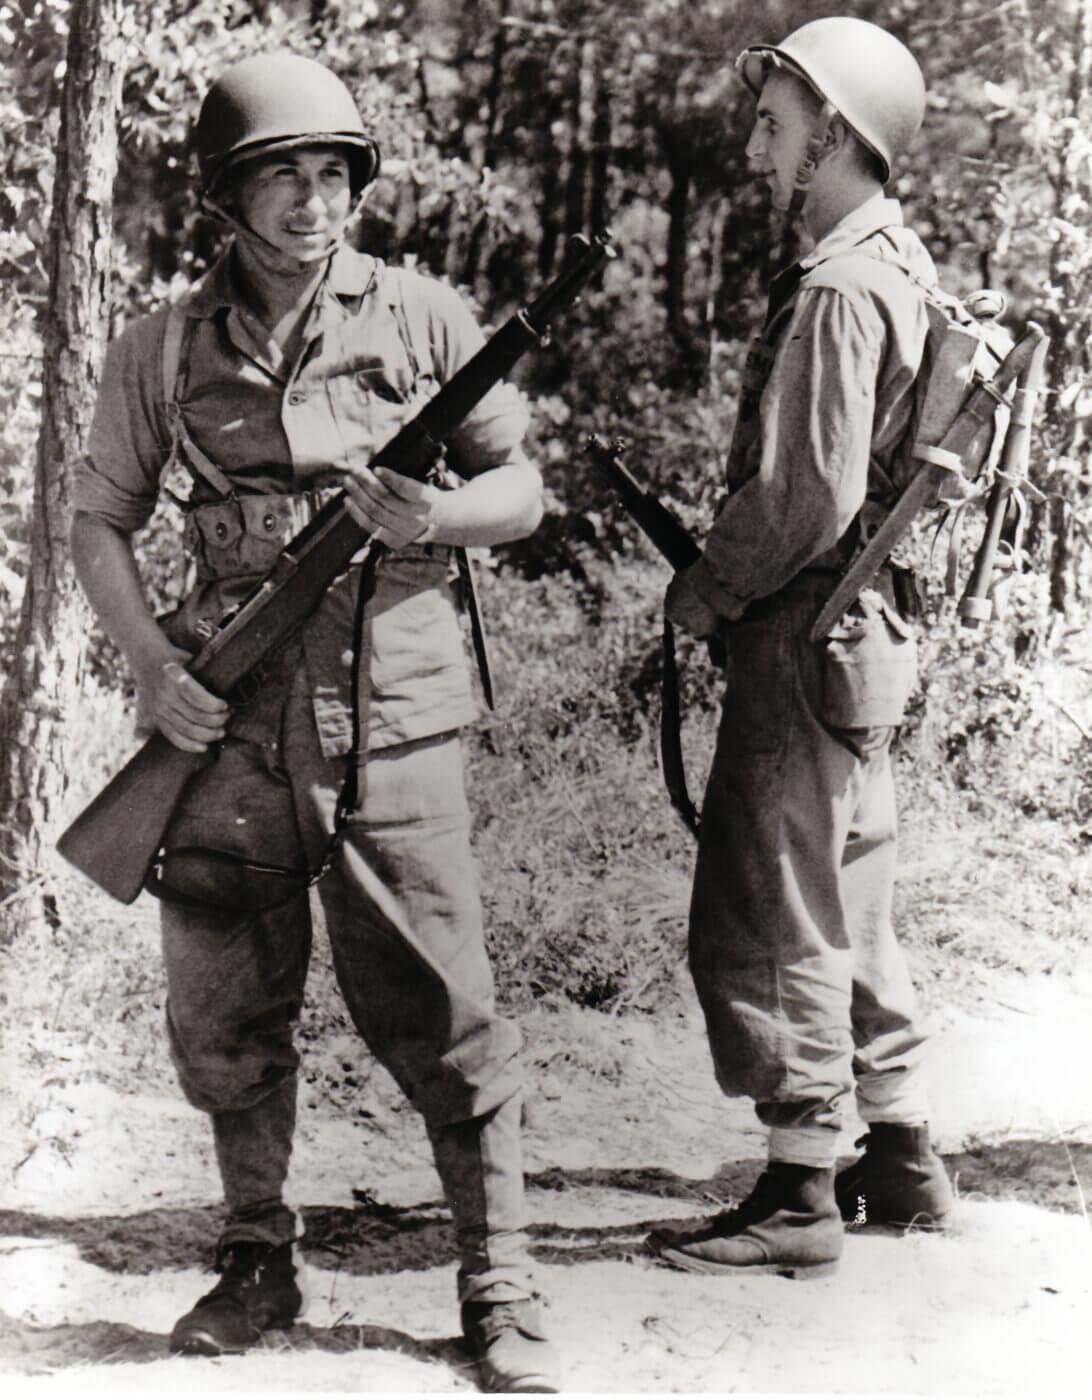 M1 Garand rifle with Marine Raiders in 1943